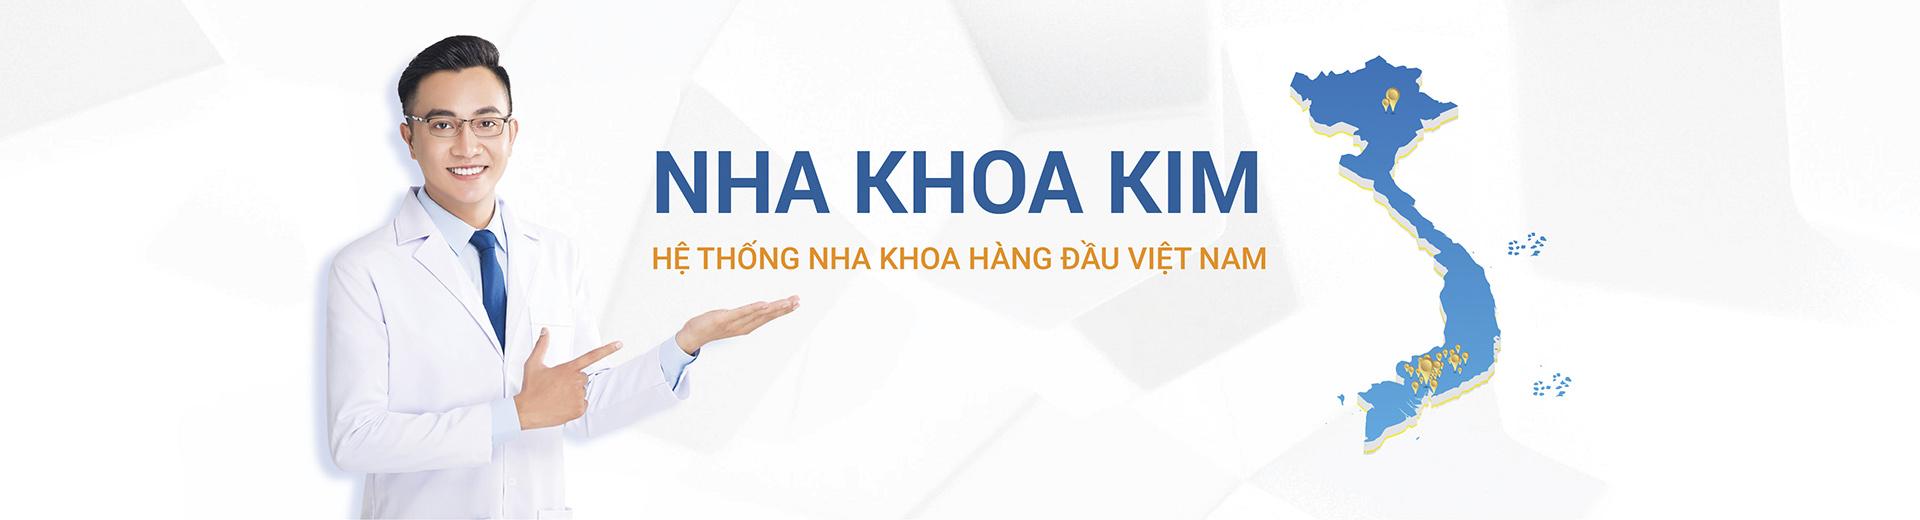 Nha khoa Kim – Hệ thống nha khoa hàng đầu Việt Nam